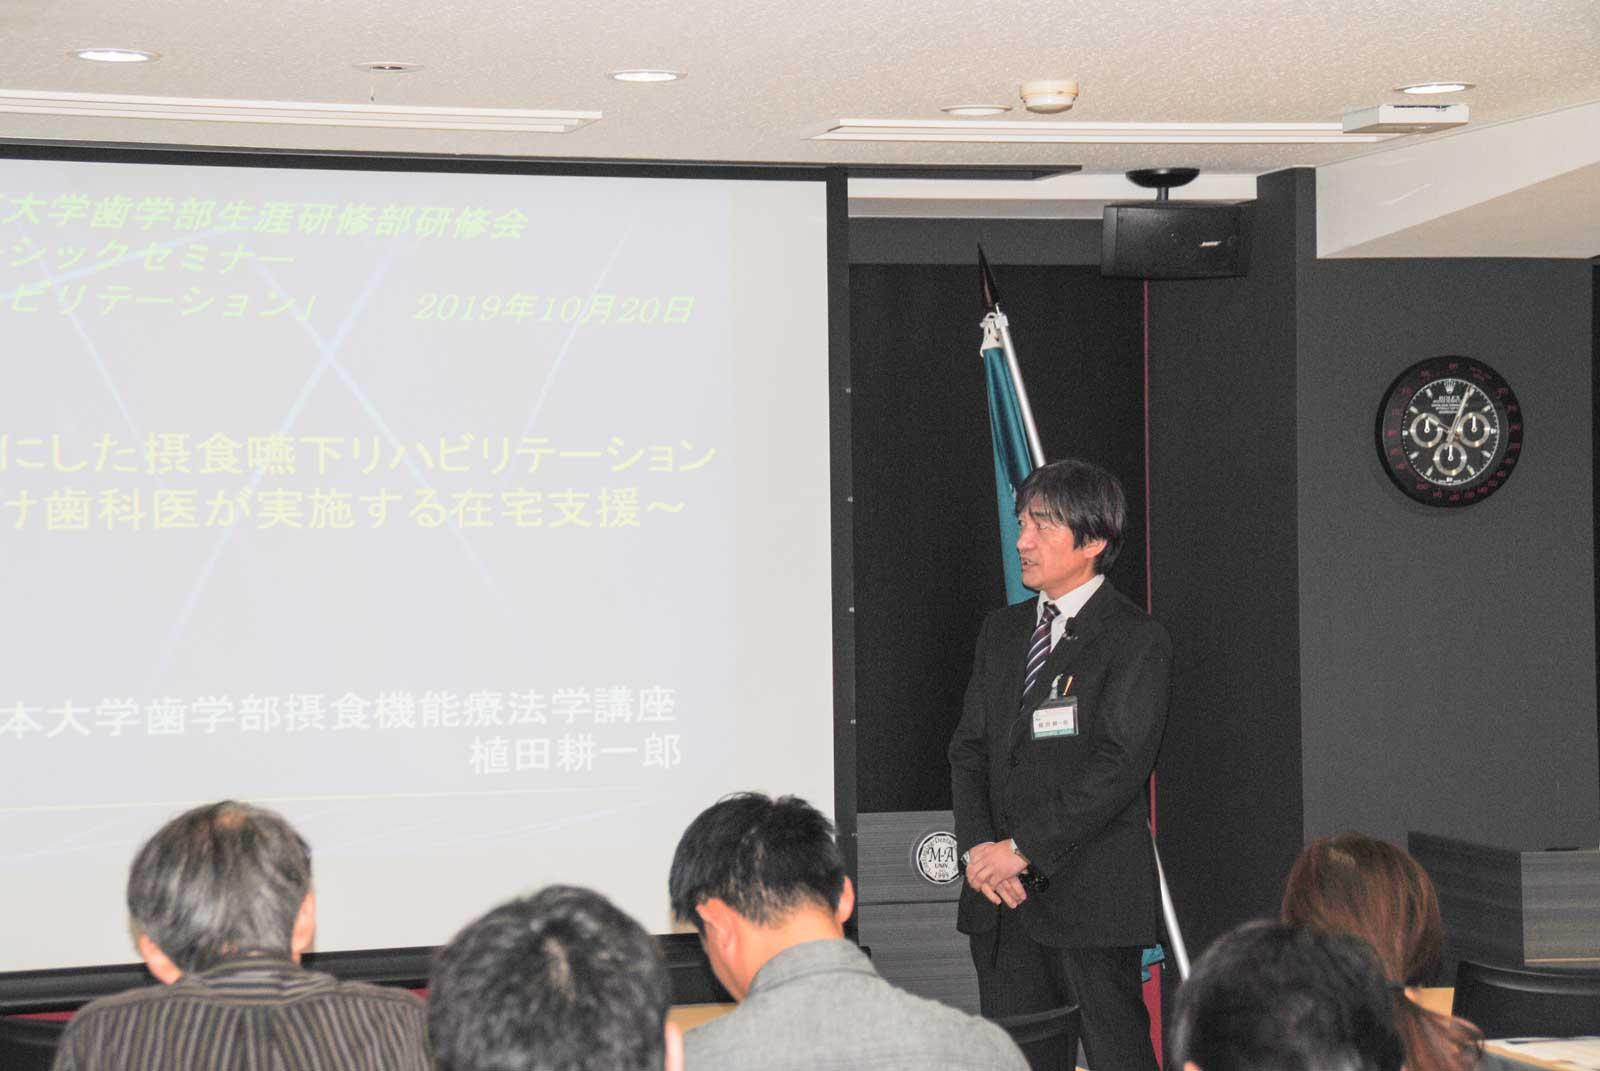 クリニカルベーシックセミナー15講義風景1(植田 耕一郎先生)